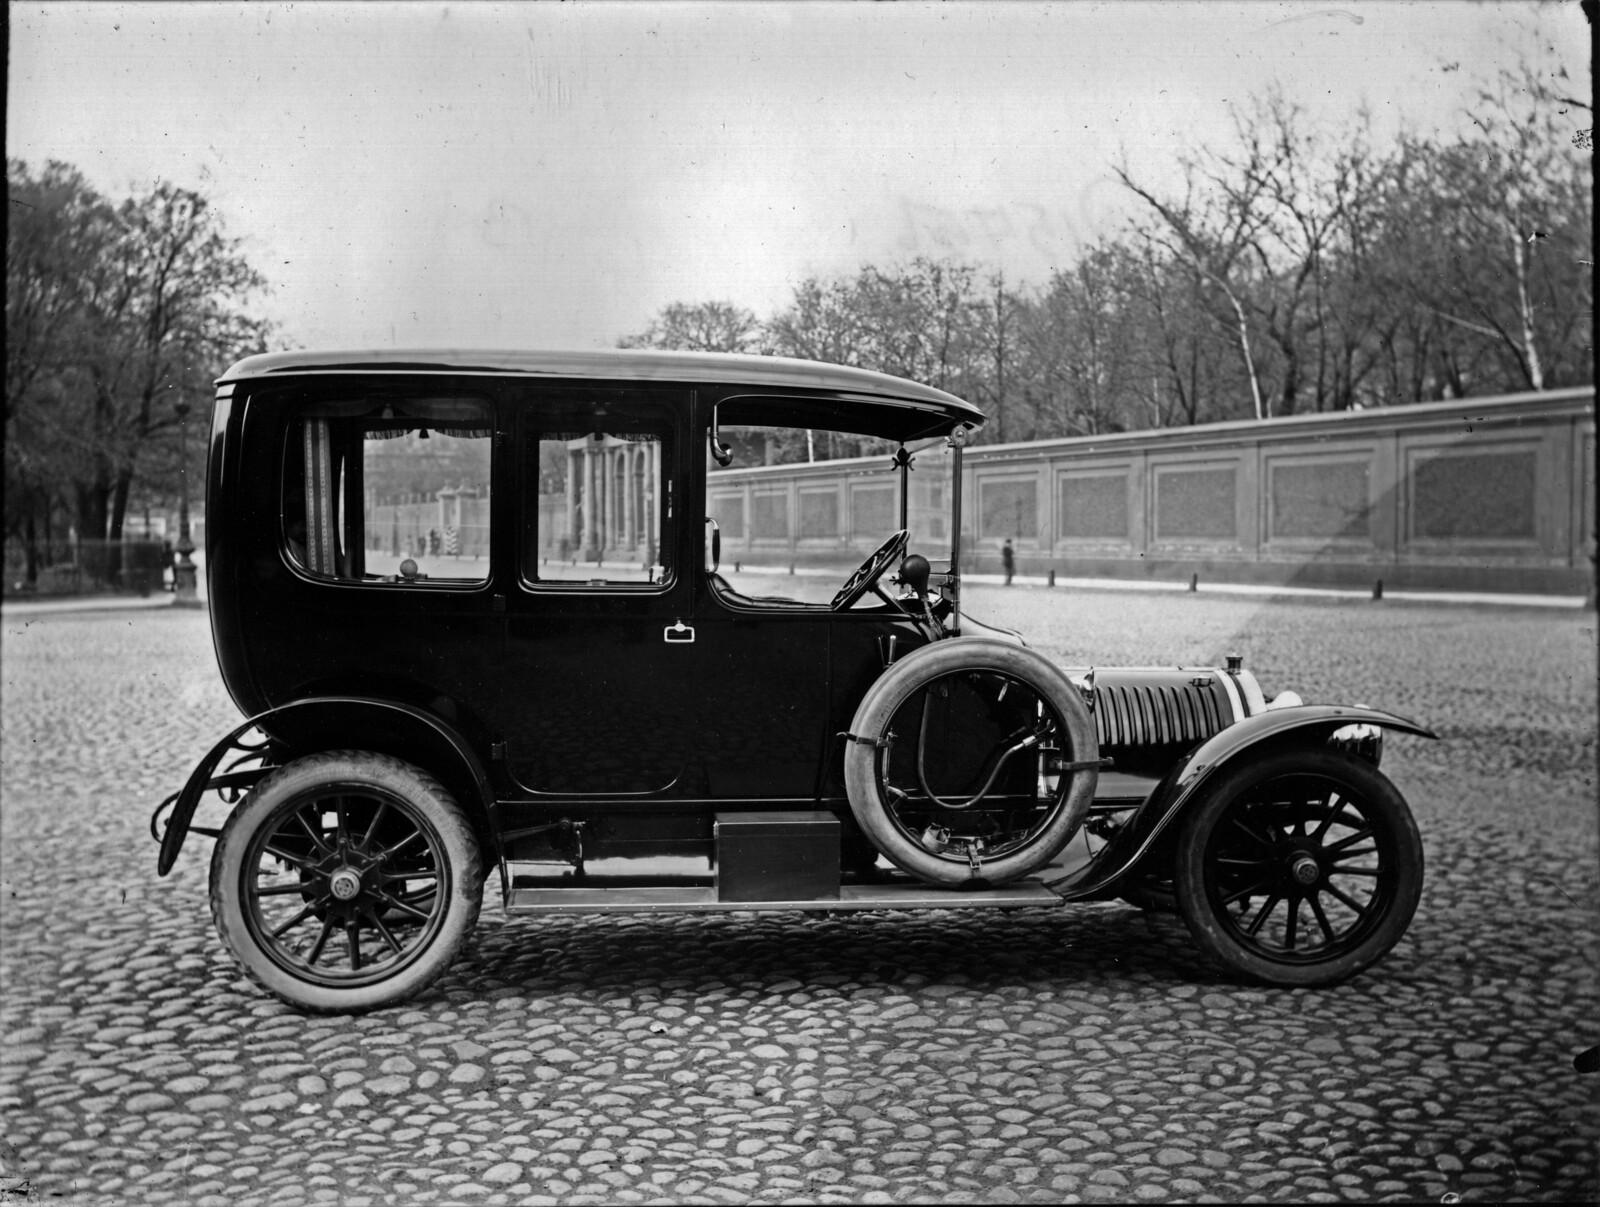 Автомобиль, принадлежащий императорской фамилии, около Александринского театра. 1913